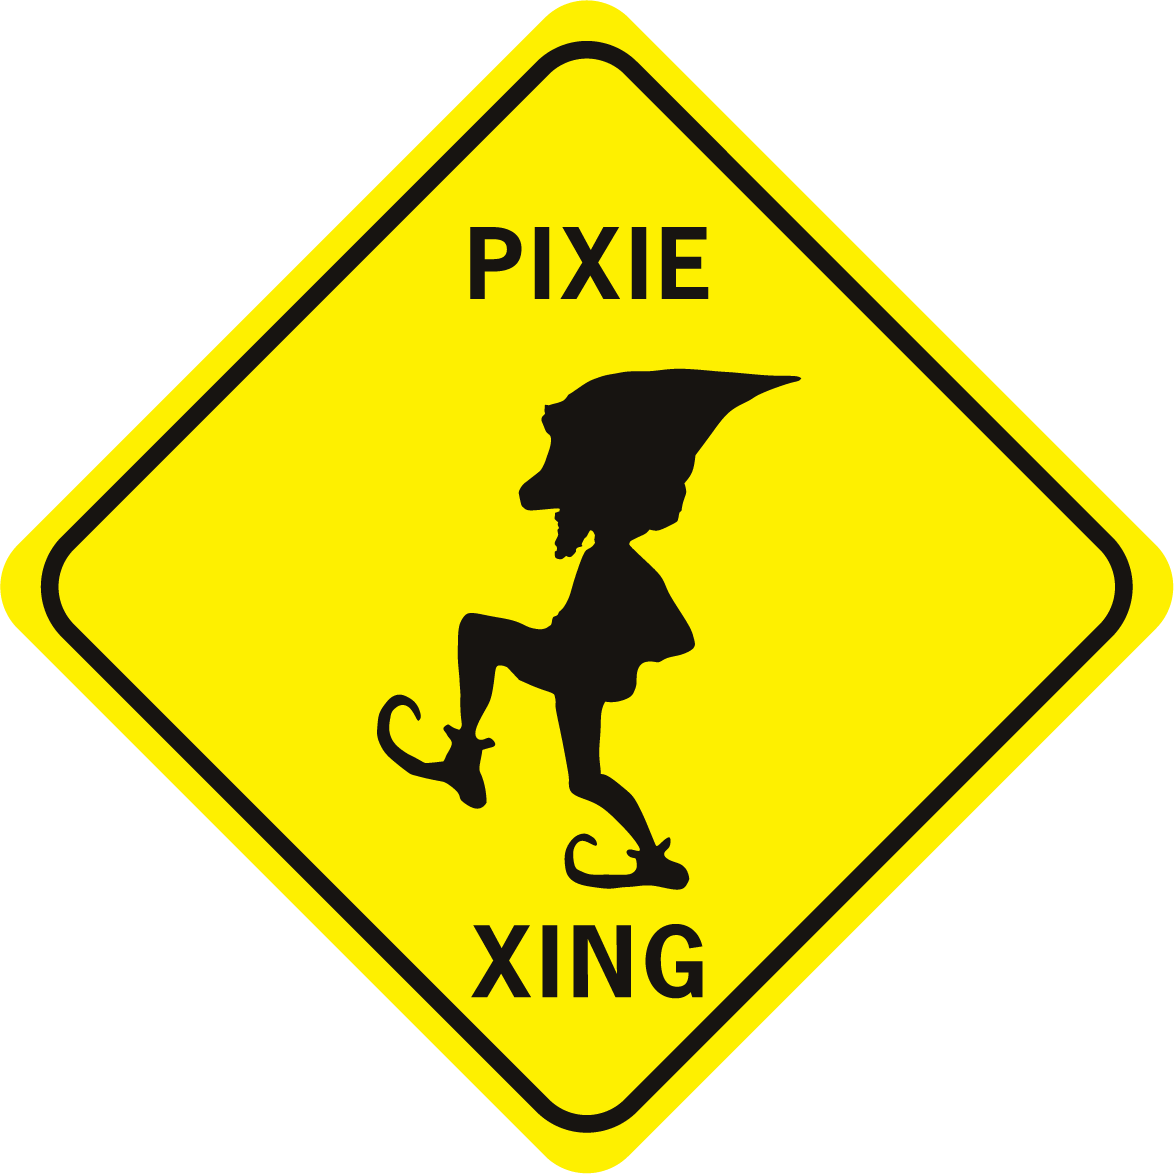 Pixie Xing